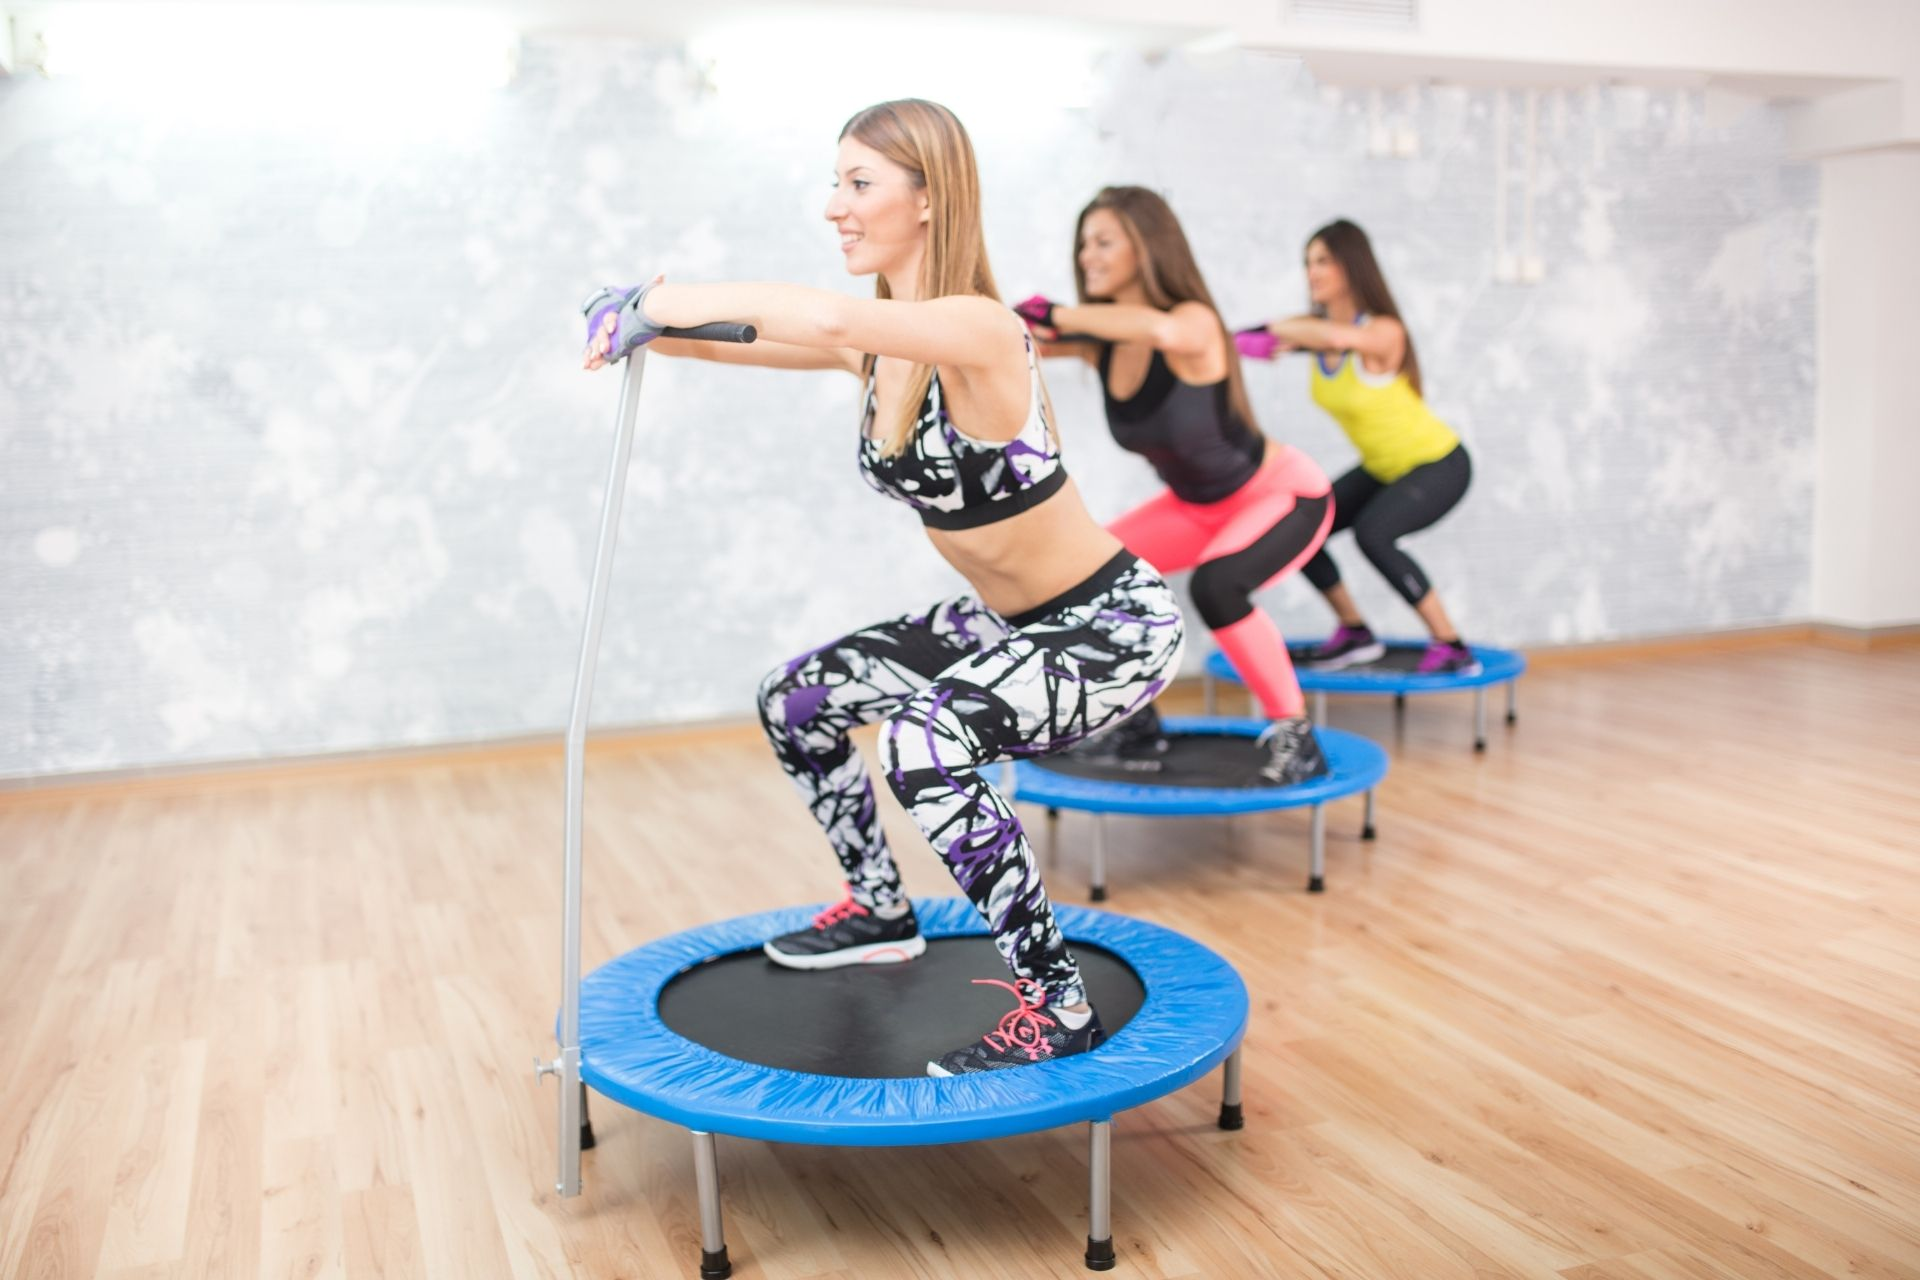 trampoline workout billen